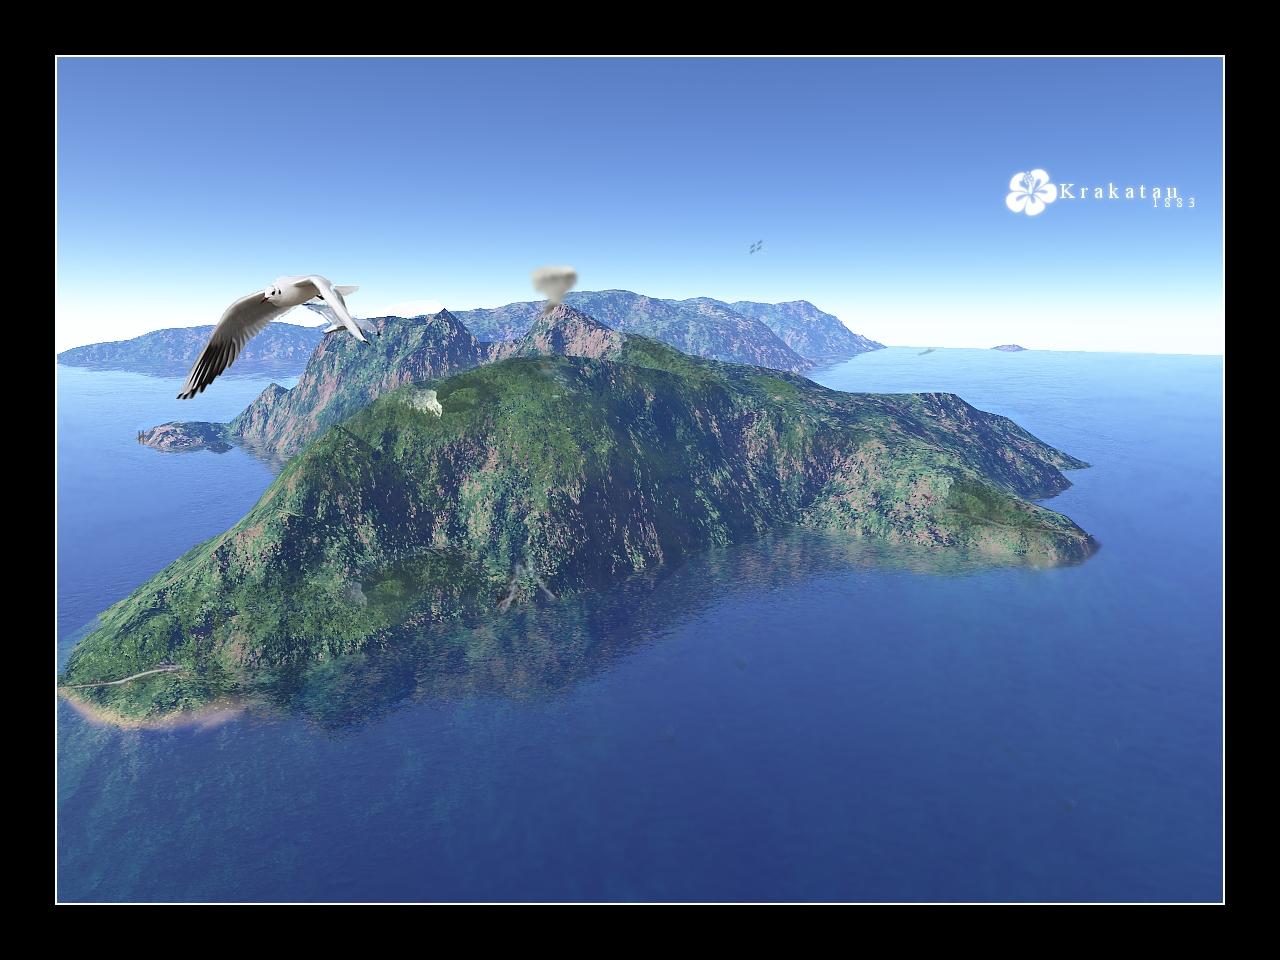 Wip - krakatau by ZwordArts